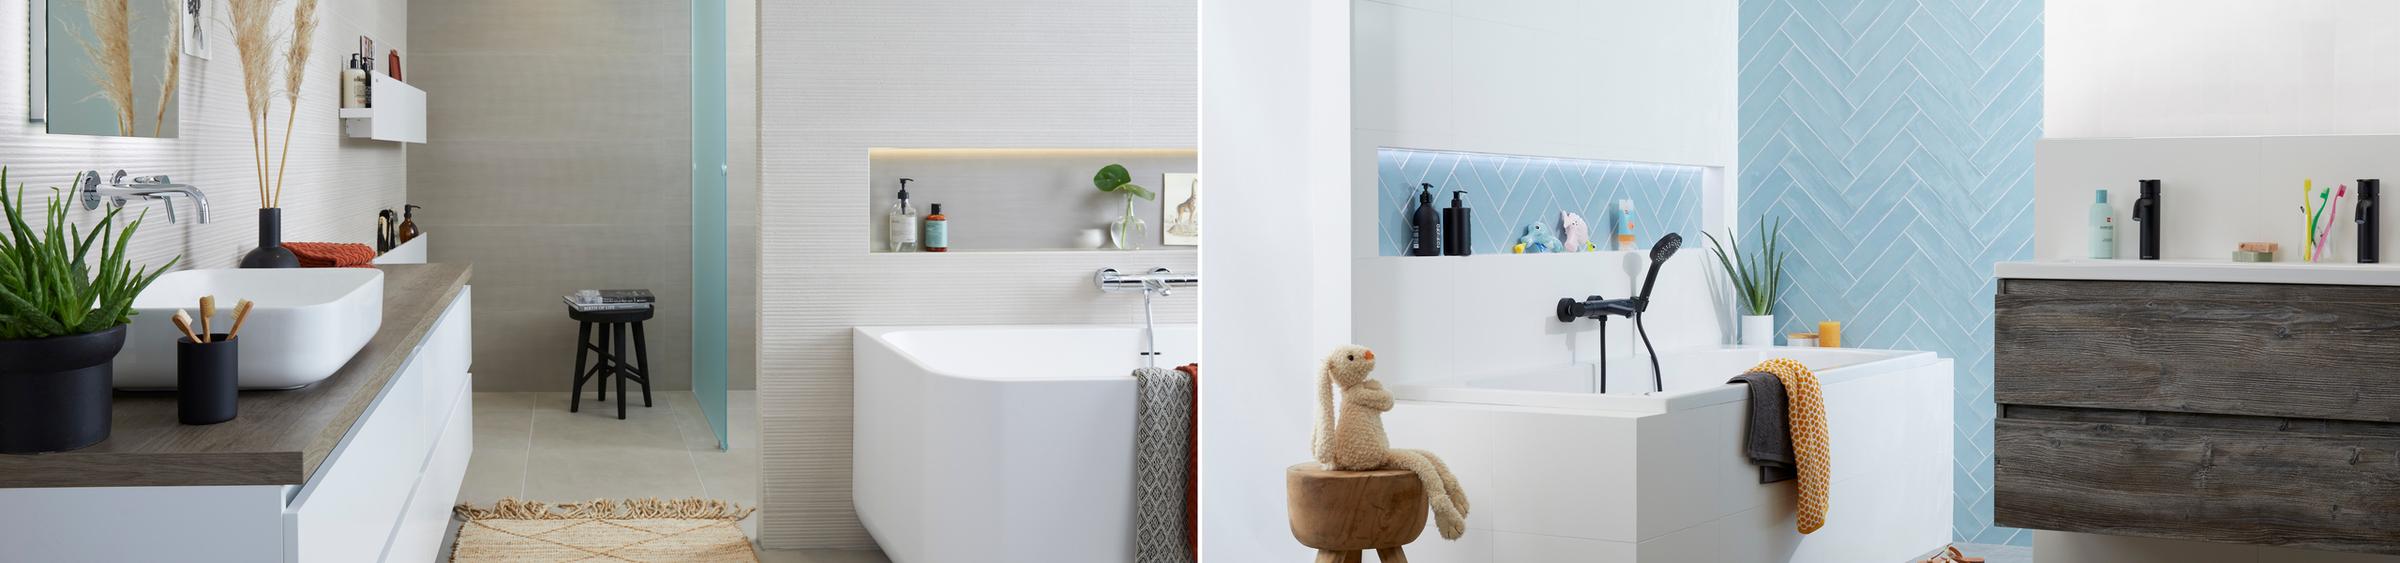 Onderhoudstips voor je badkamer - Onderhoudstips voor je badkamer